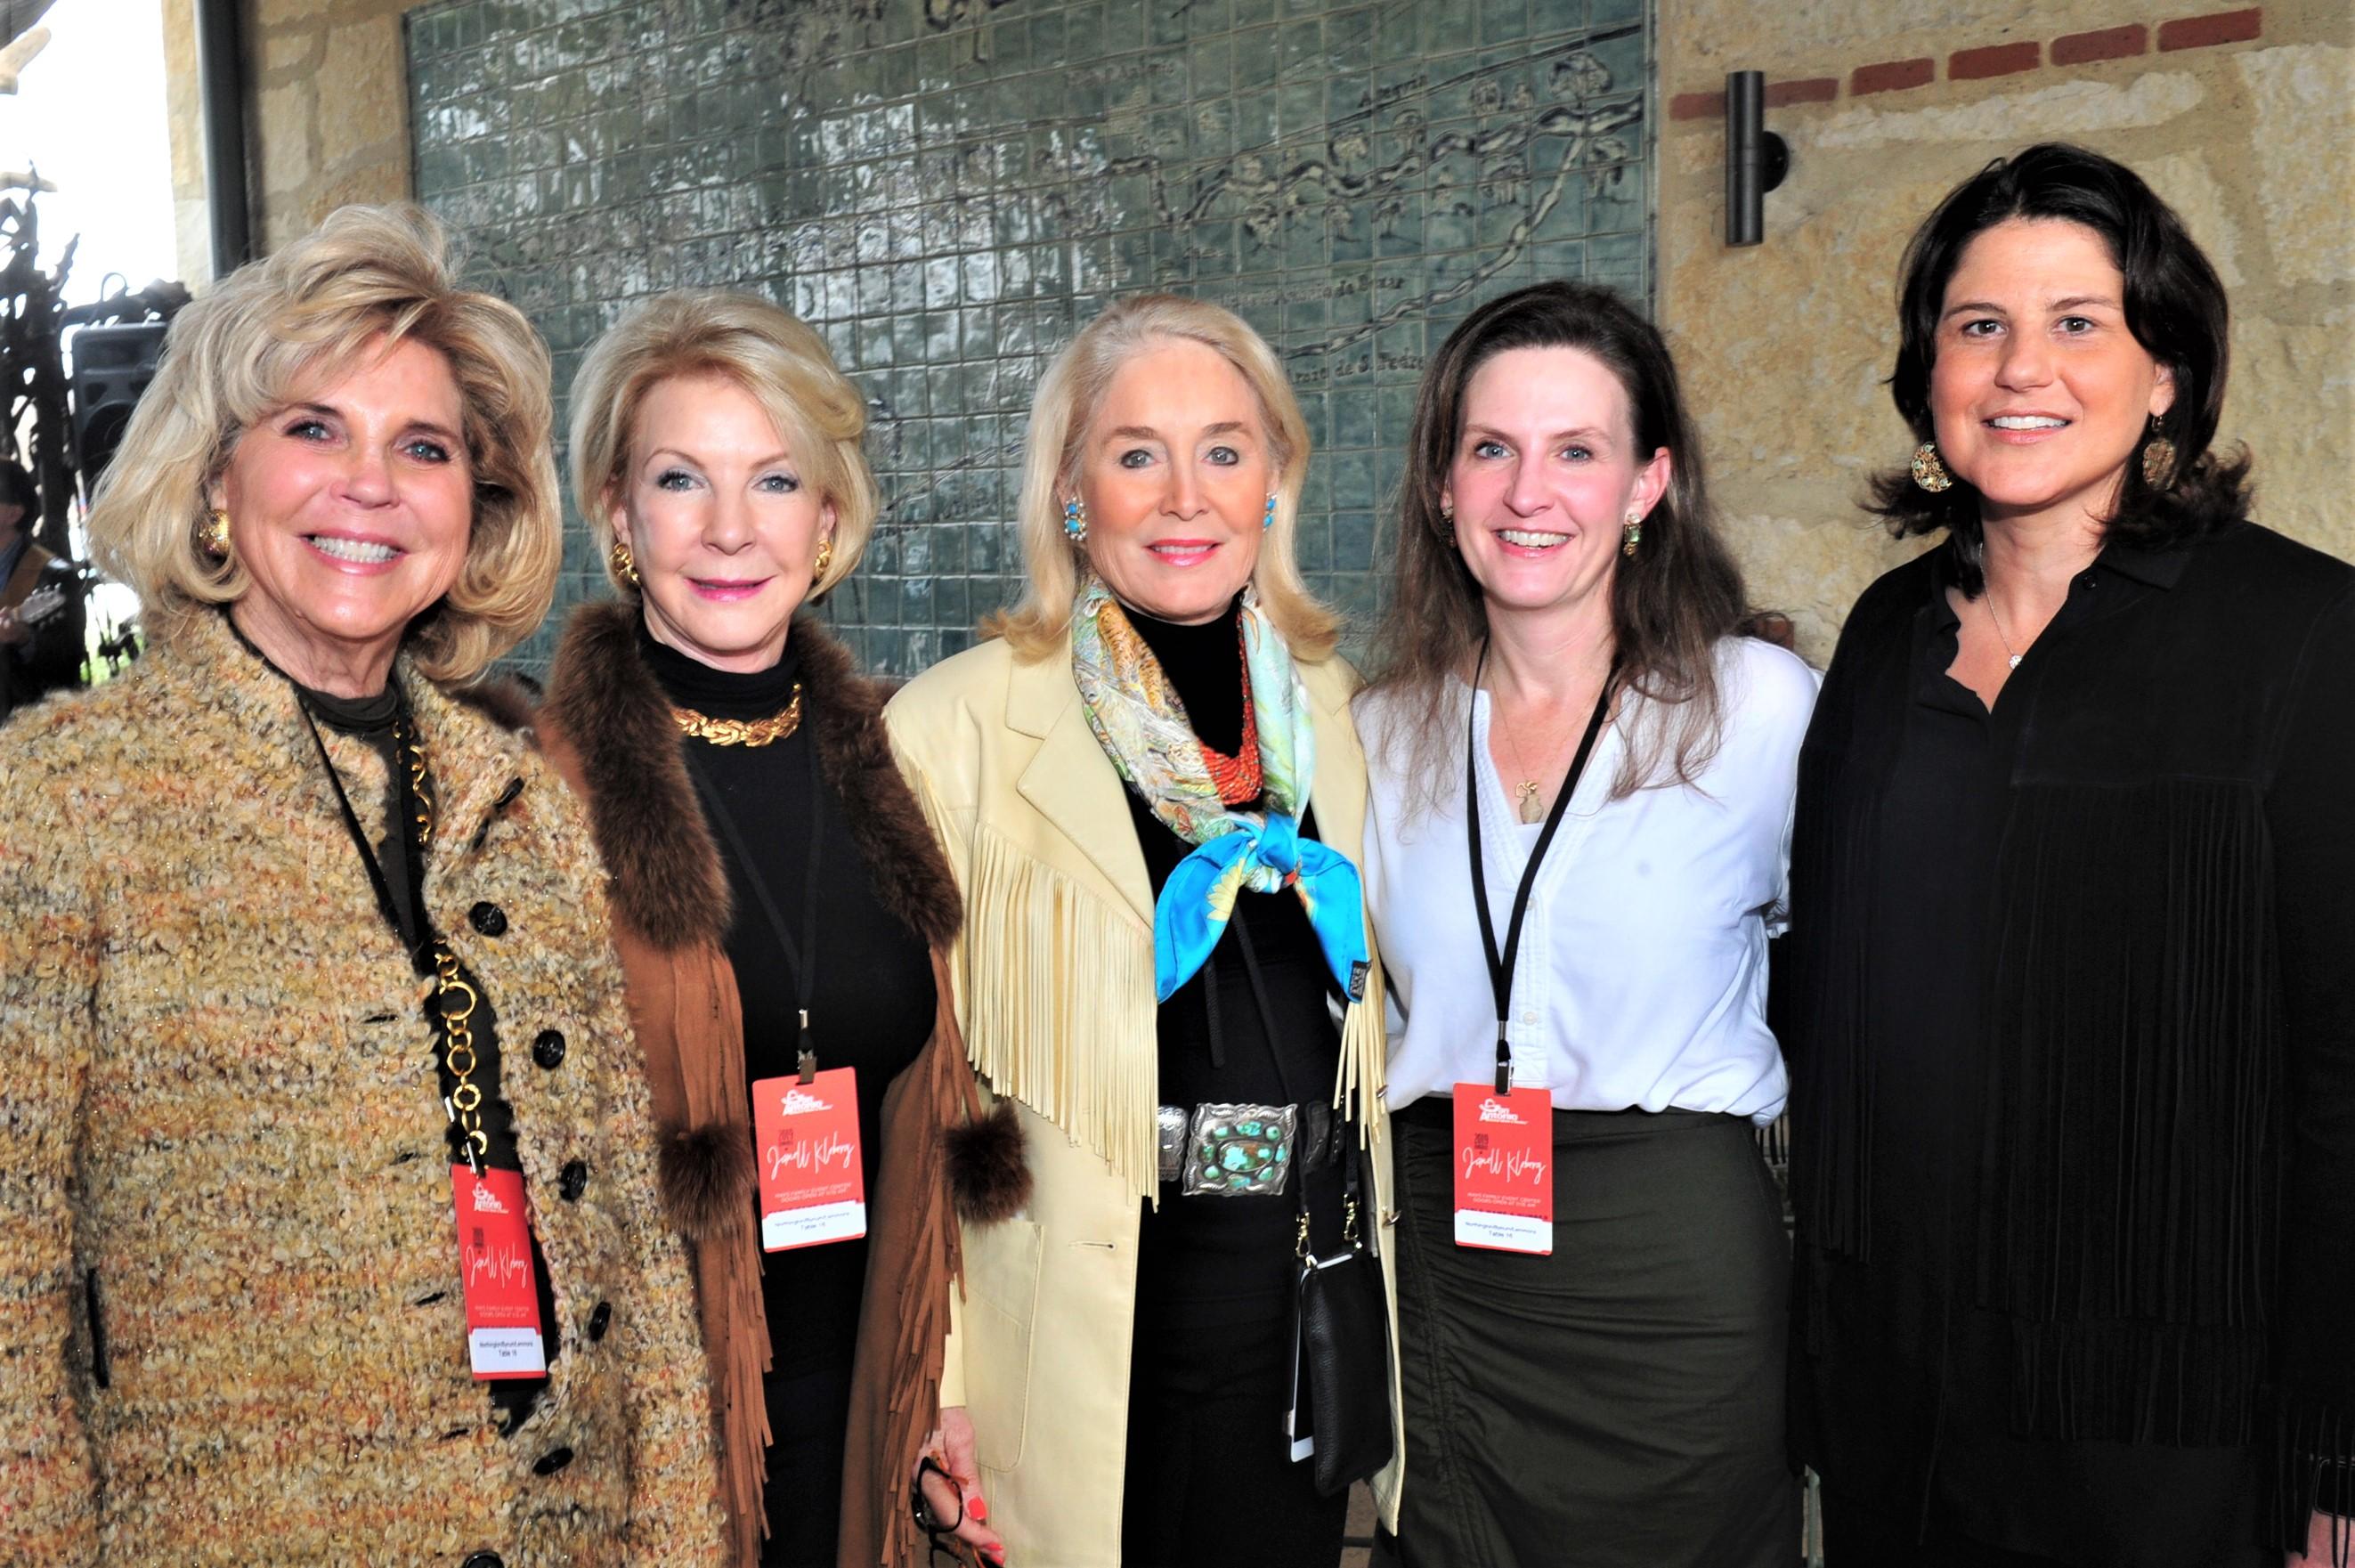 Karen Hunke, Carla Northington, Janell Kleberg, Mona George and Kim Kleberg